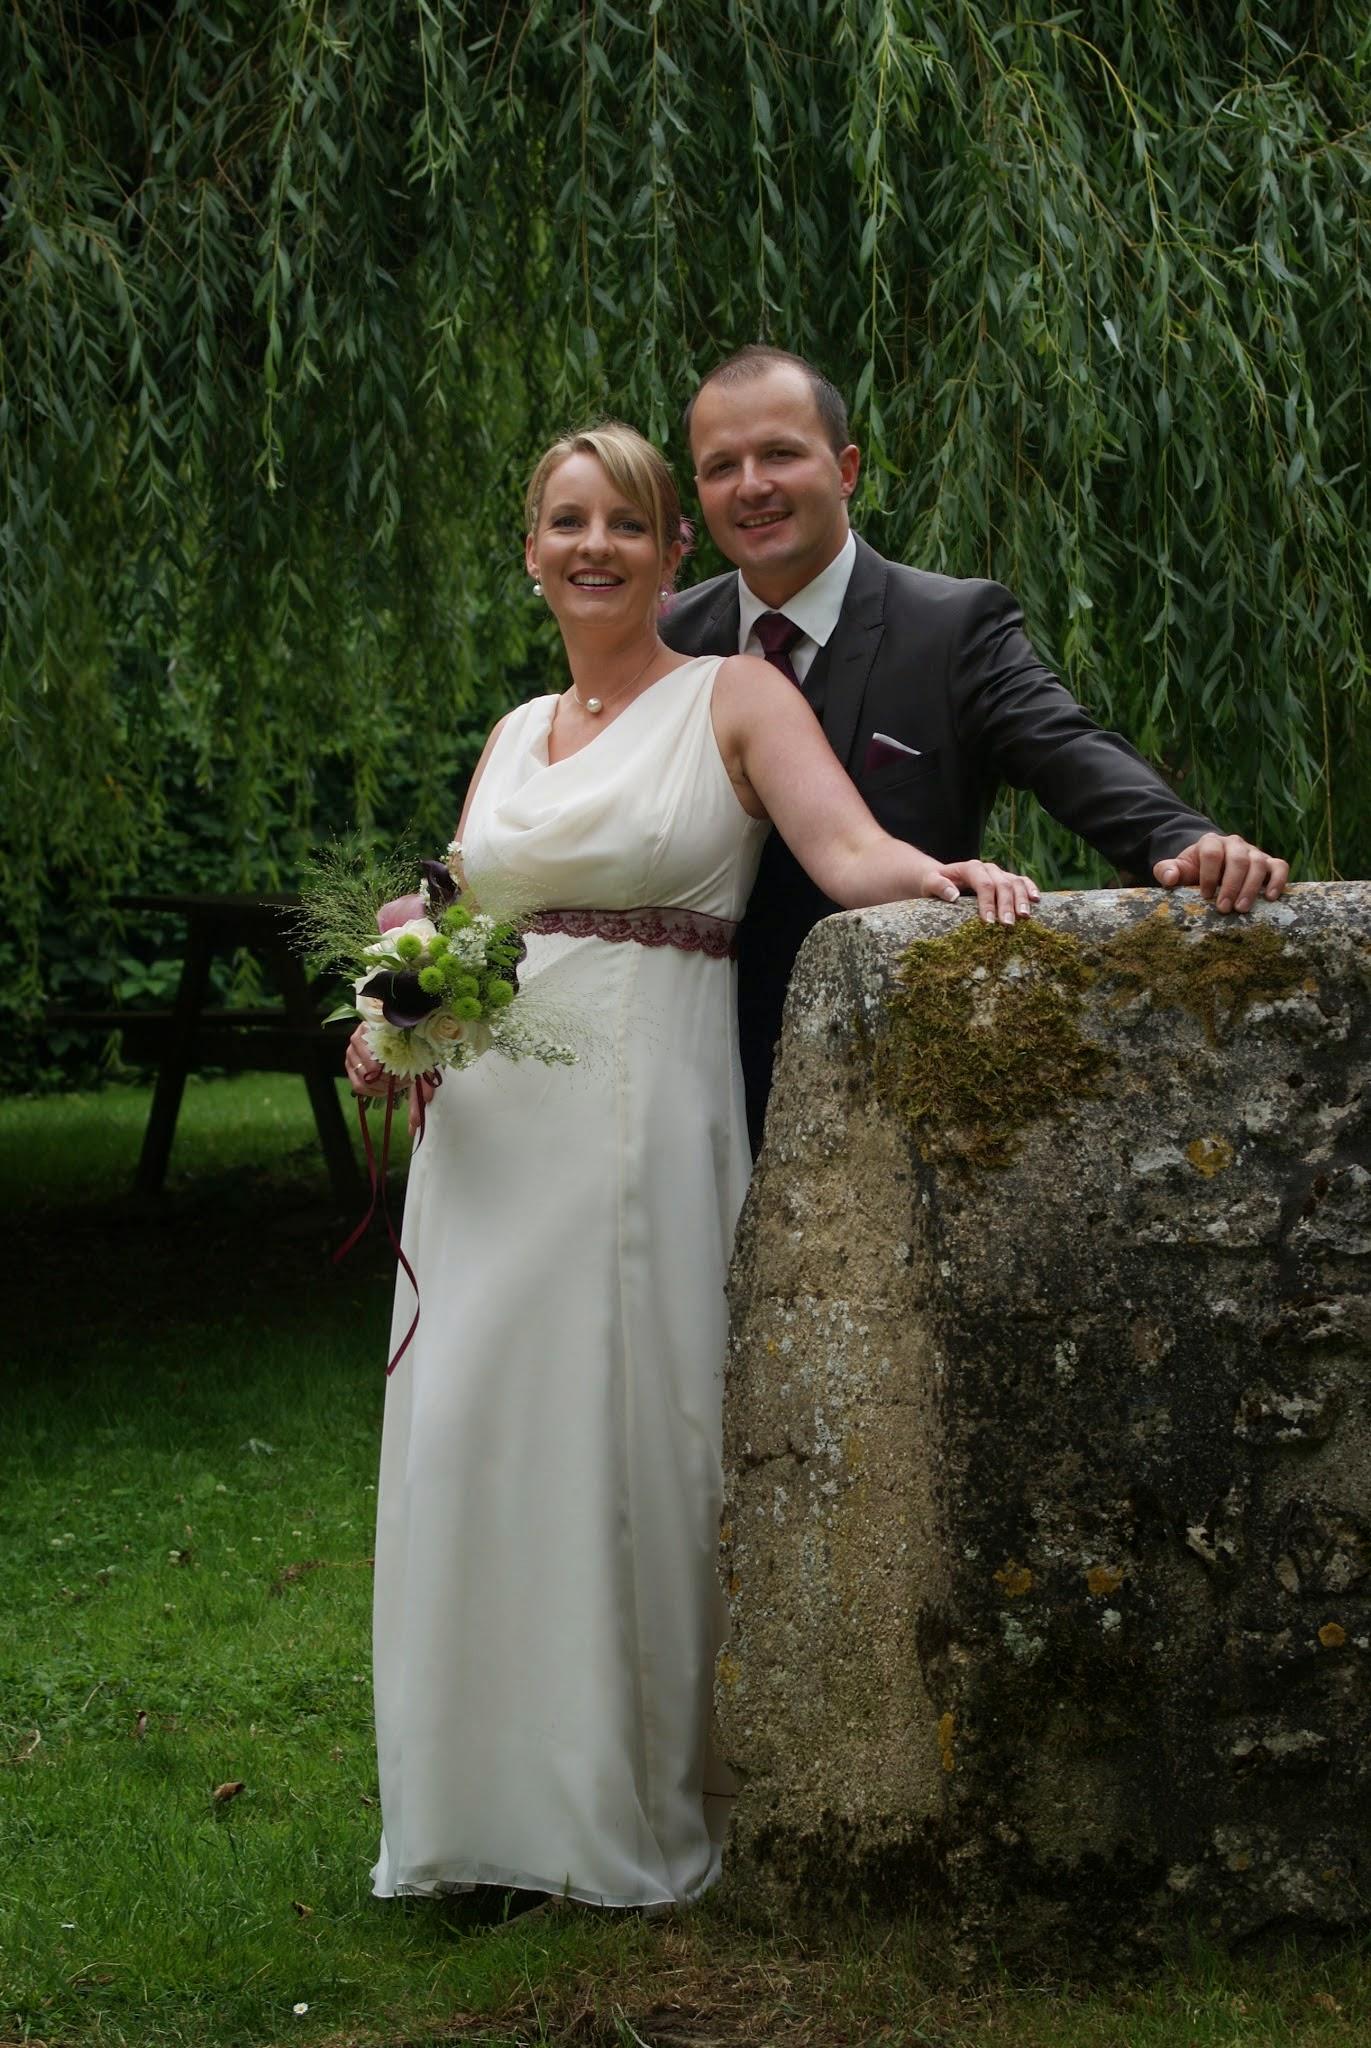 Le mariage d'Aurélie sur le thème original du vin et de la vigne en bordeaux et ivoire